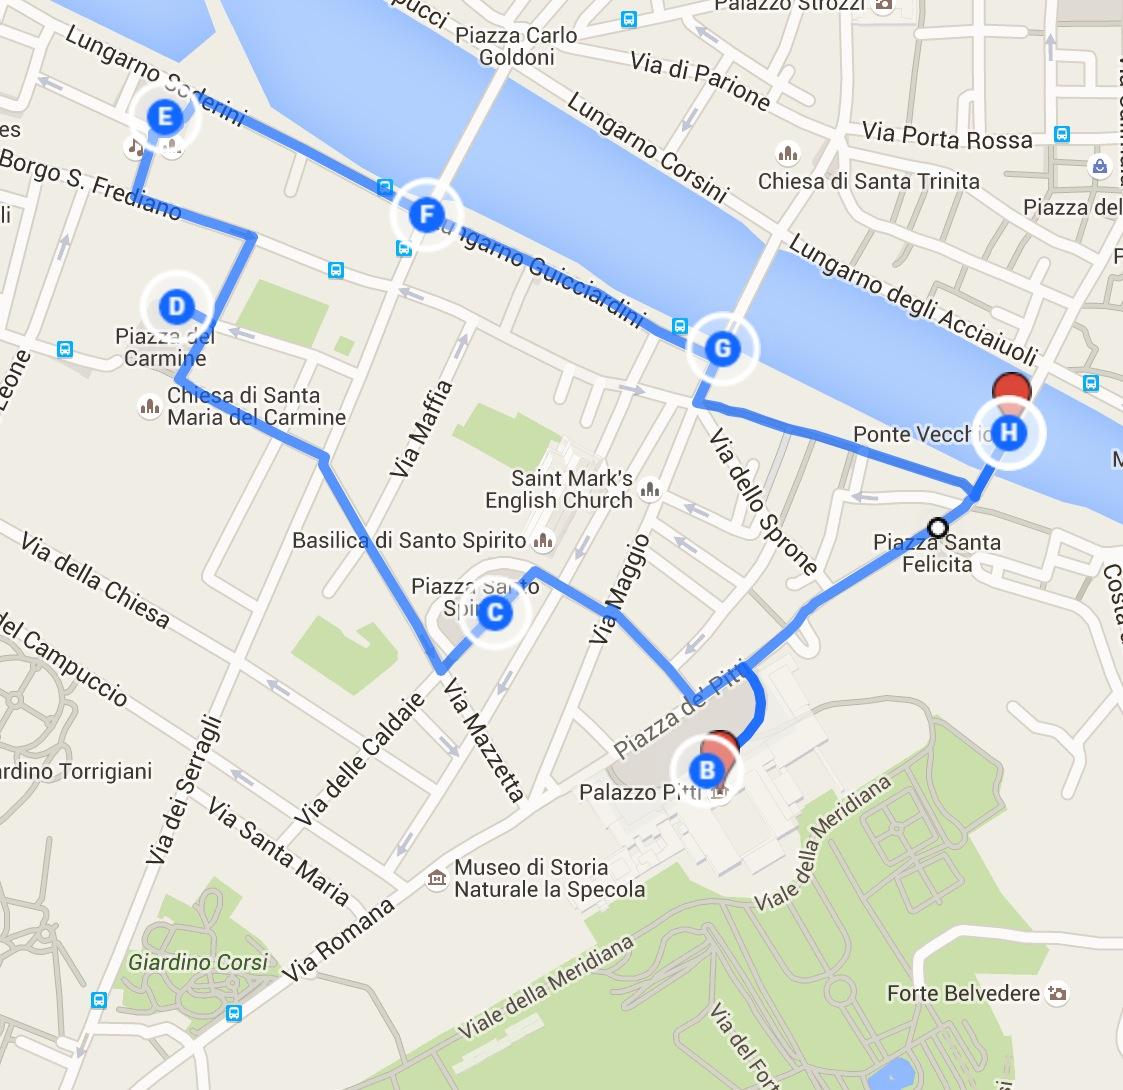 Firenze Cartina Centro Storico.Che Cosa Vedere In Oltrarno A Firenze Itinerario A Piedi Tra Storia E Meraviglie Una Penna In Viaggio